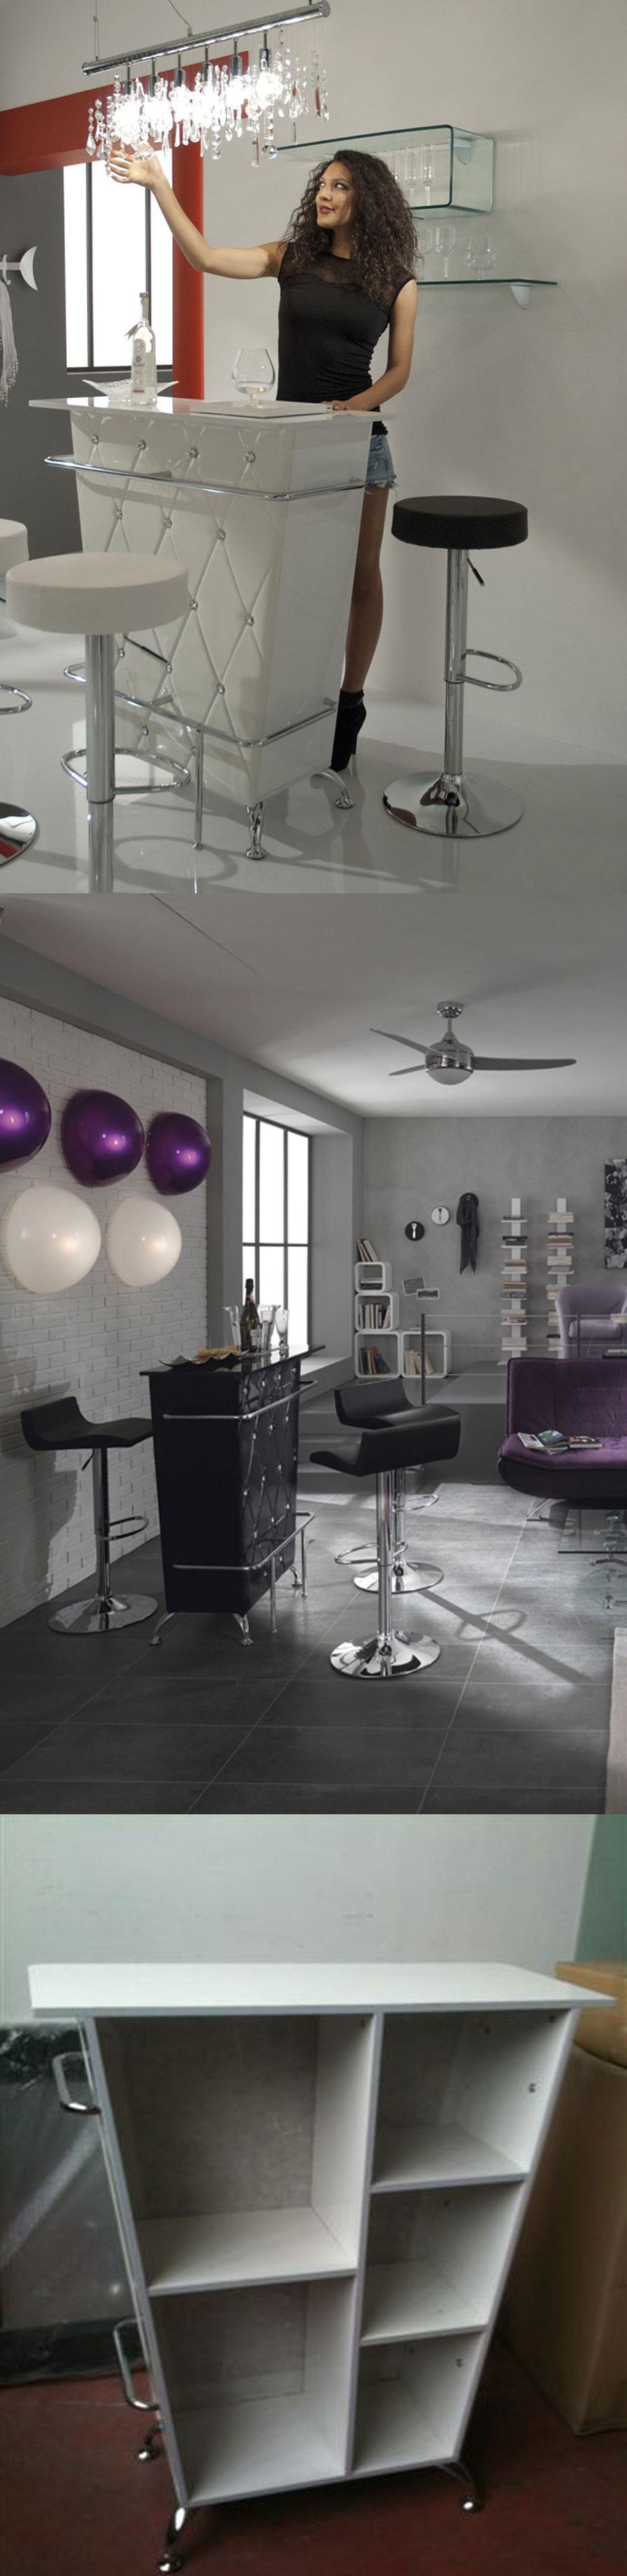 Mobile bar salotto casa soggiorno design stile moderno - Mobile bar soggiorno ...